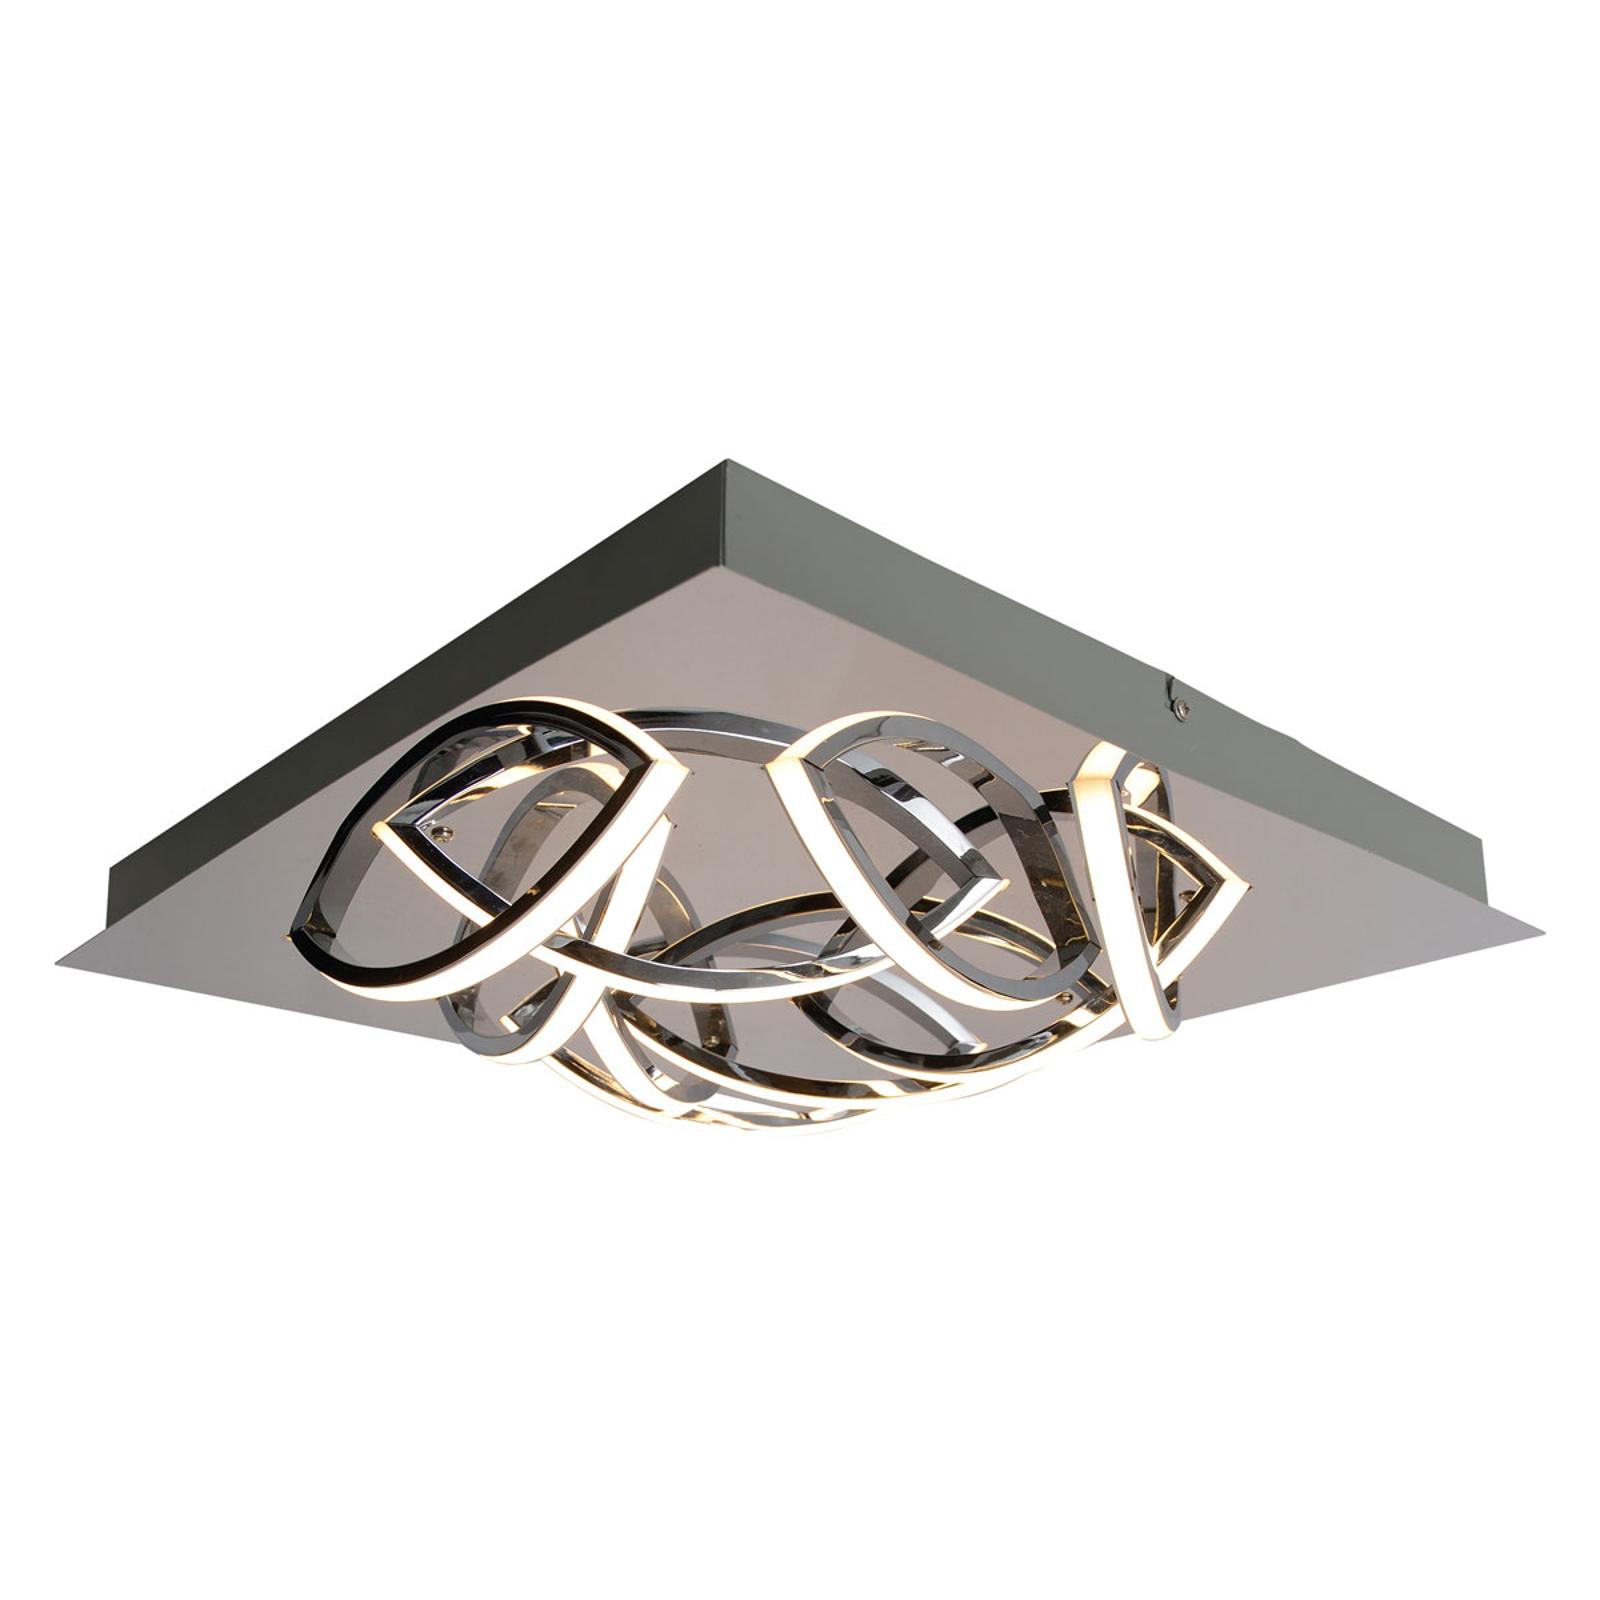 LED-kattovalaisin Manchester 9 lamppua